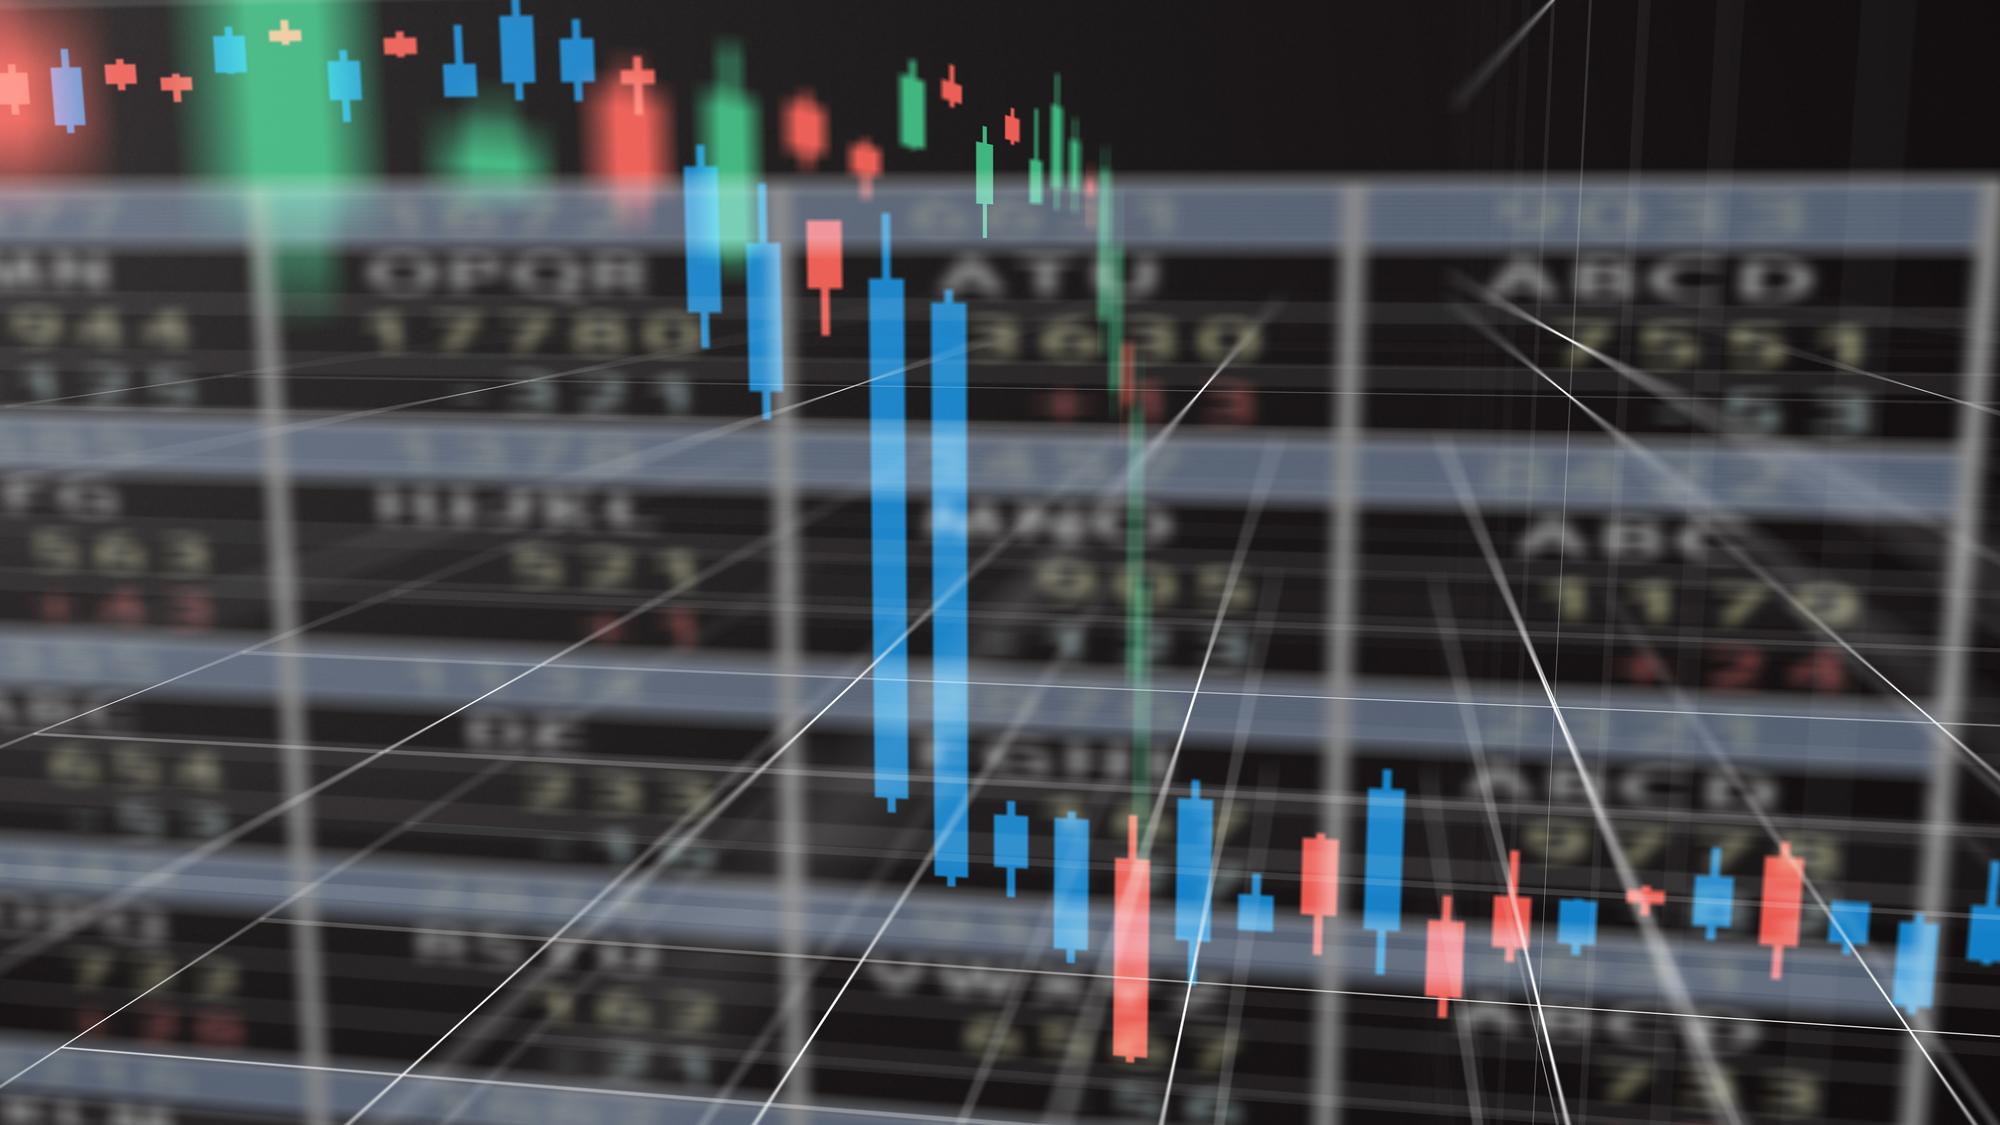 新型コロナで株価急落…下げ相場で利益を狙う「空売り」とは?